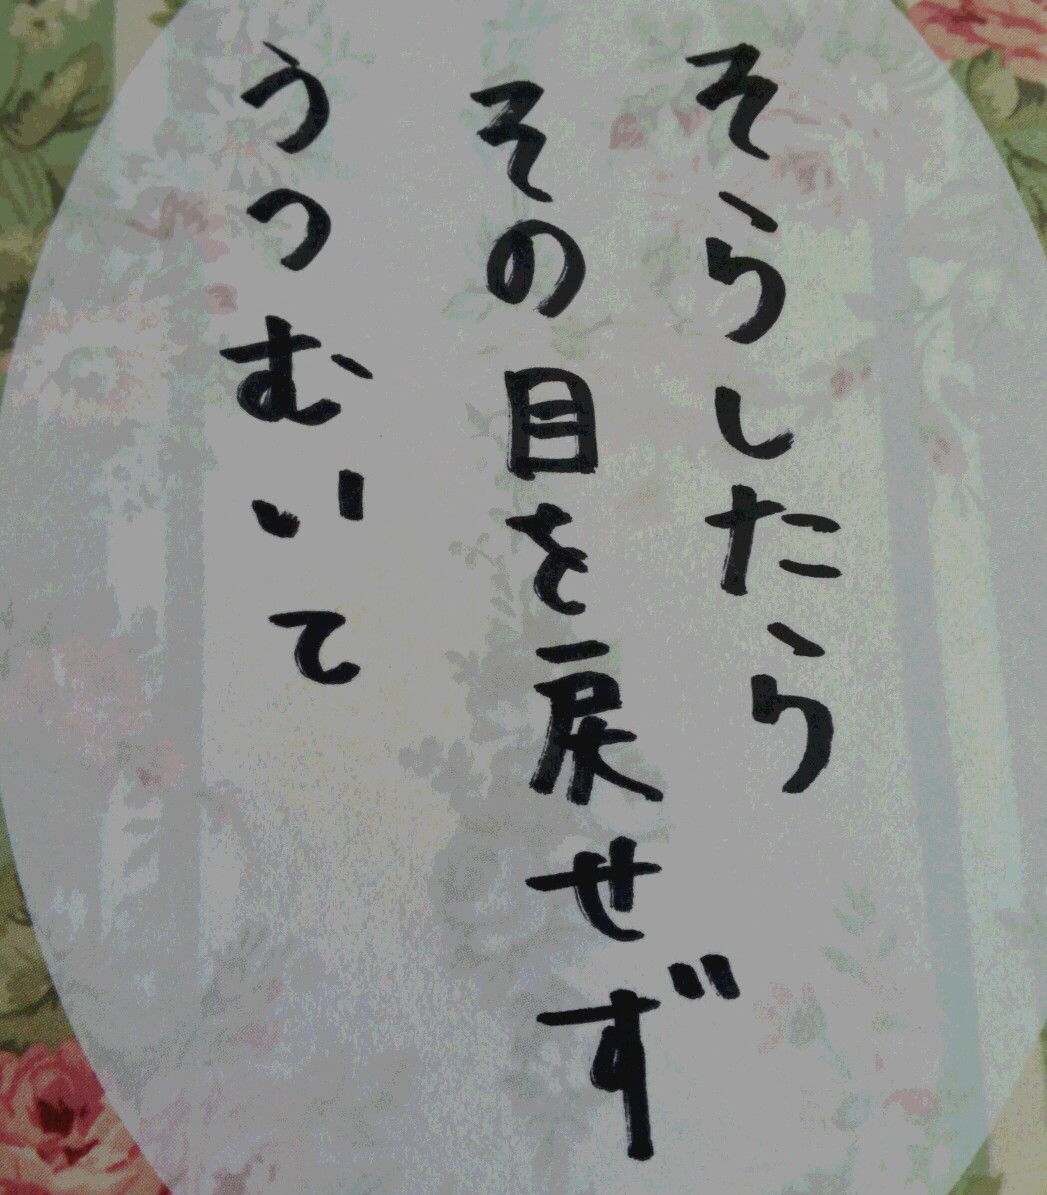 16-12-27-11-01-42-587_photo-1